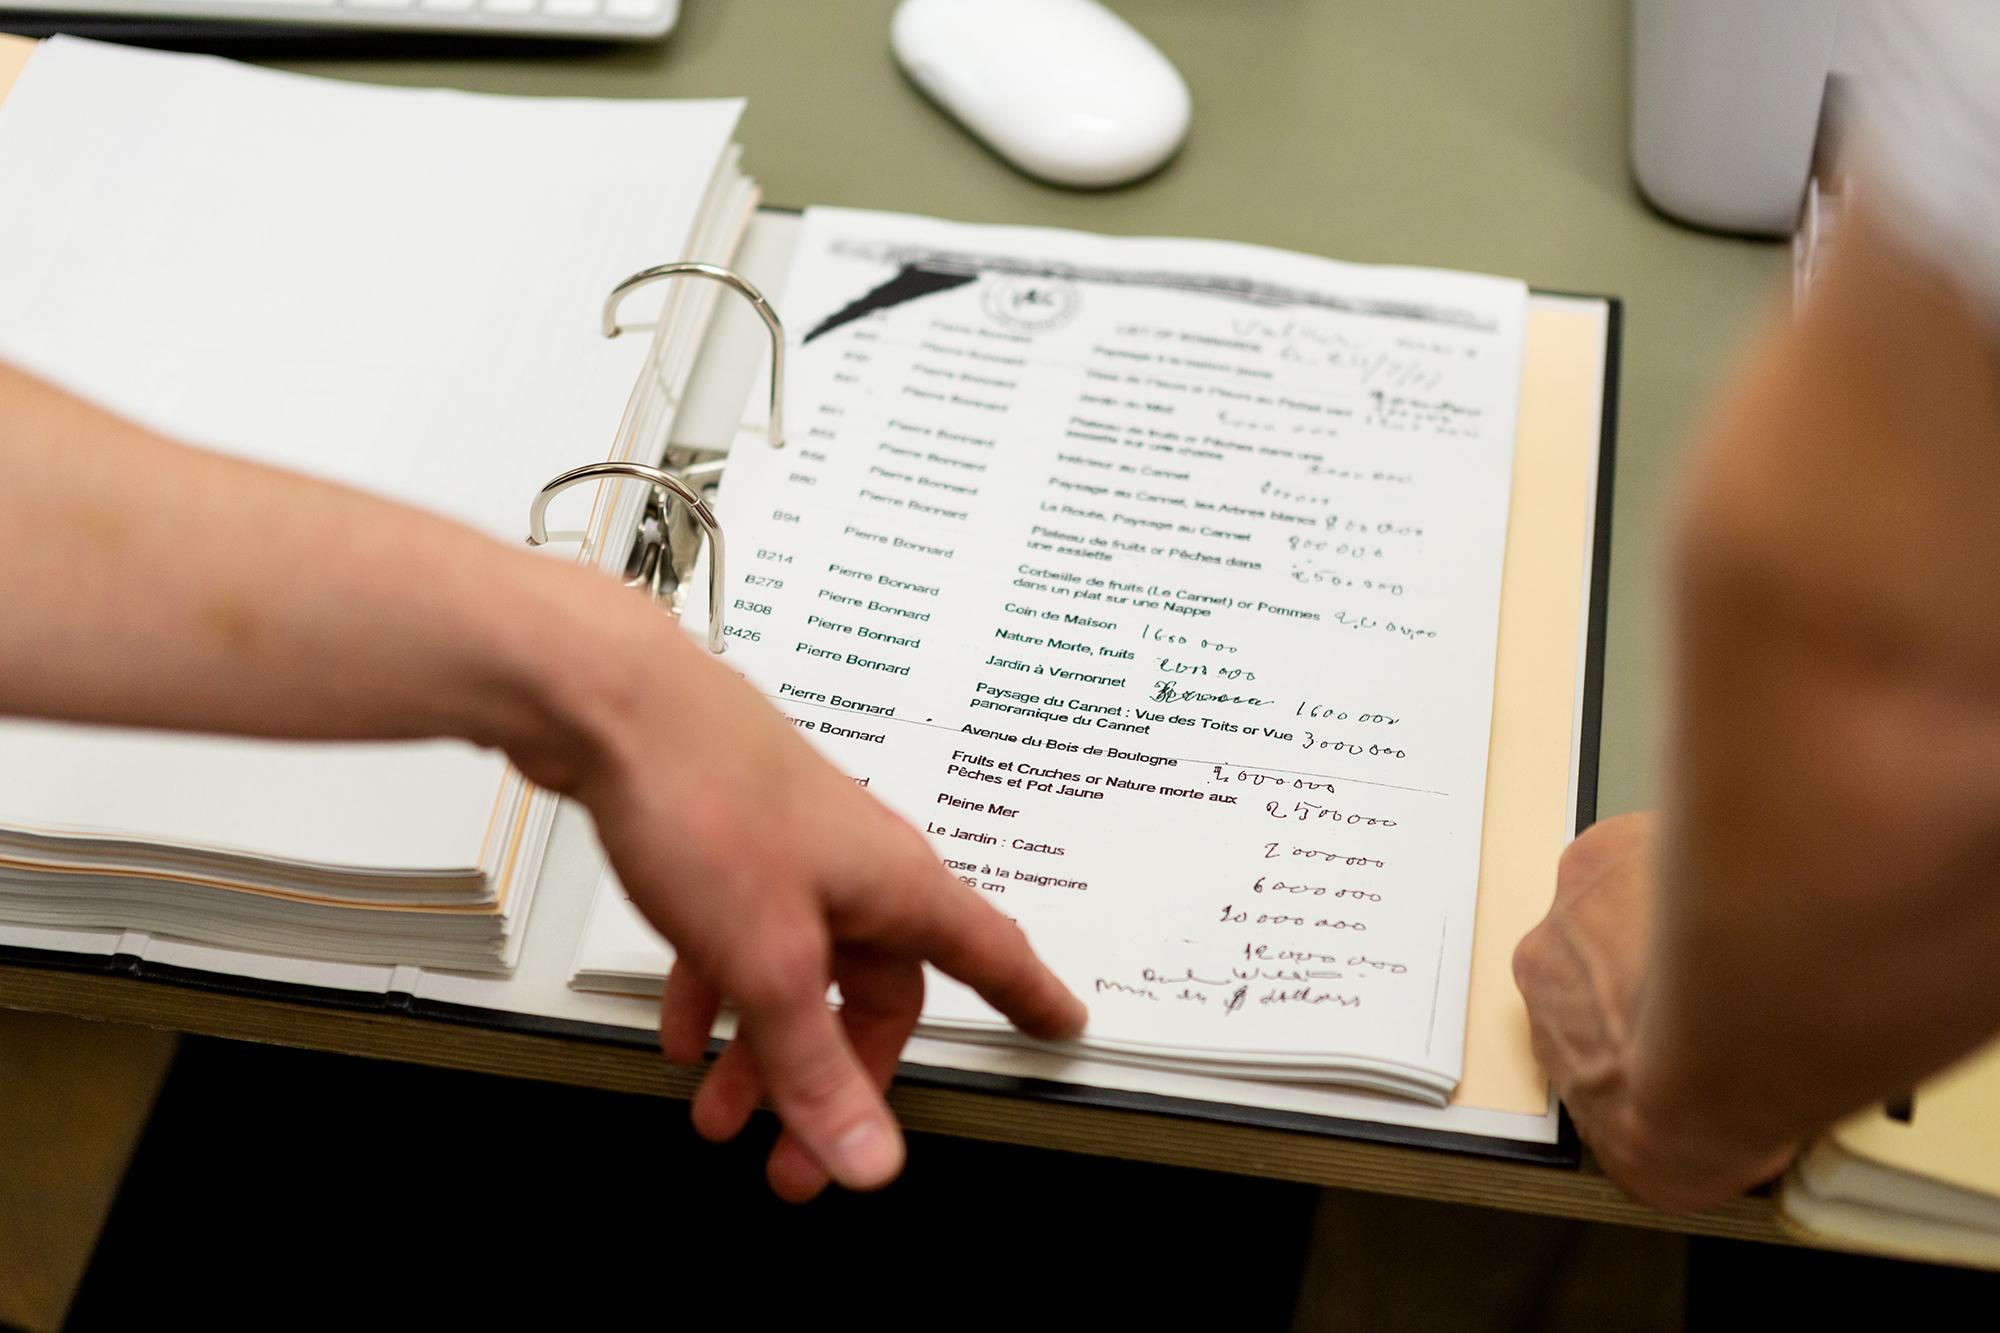 In dicken Ordnern dokumentieren RYBN ihre Recherchen. Hier etwa eine Liste von Kunstwerken, die ein Sammler anhäufte, um Ste